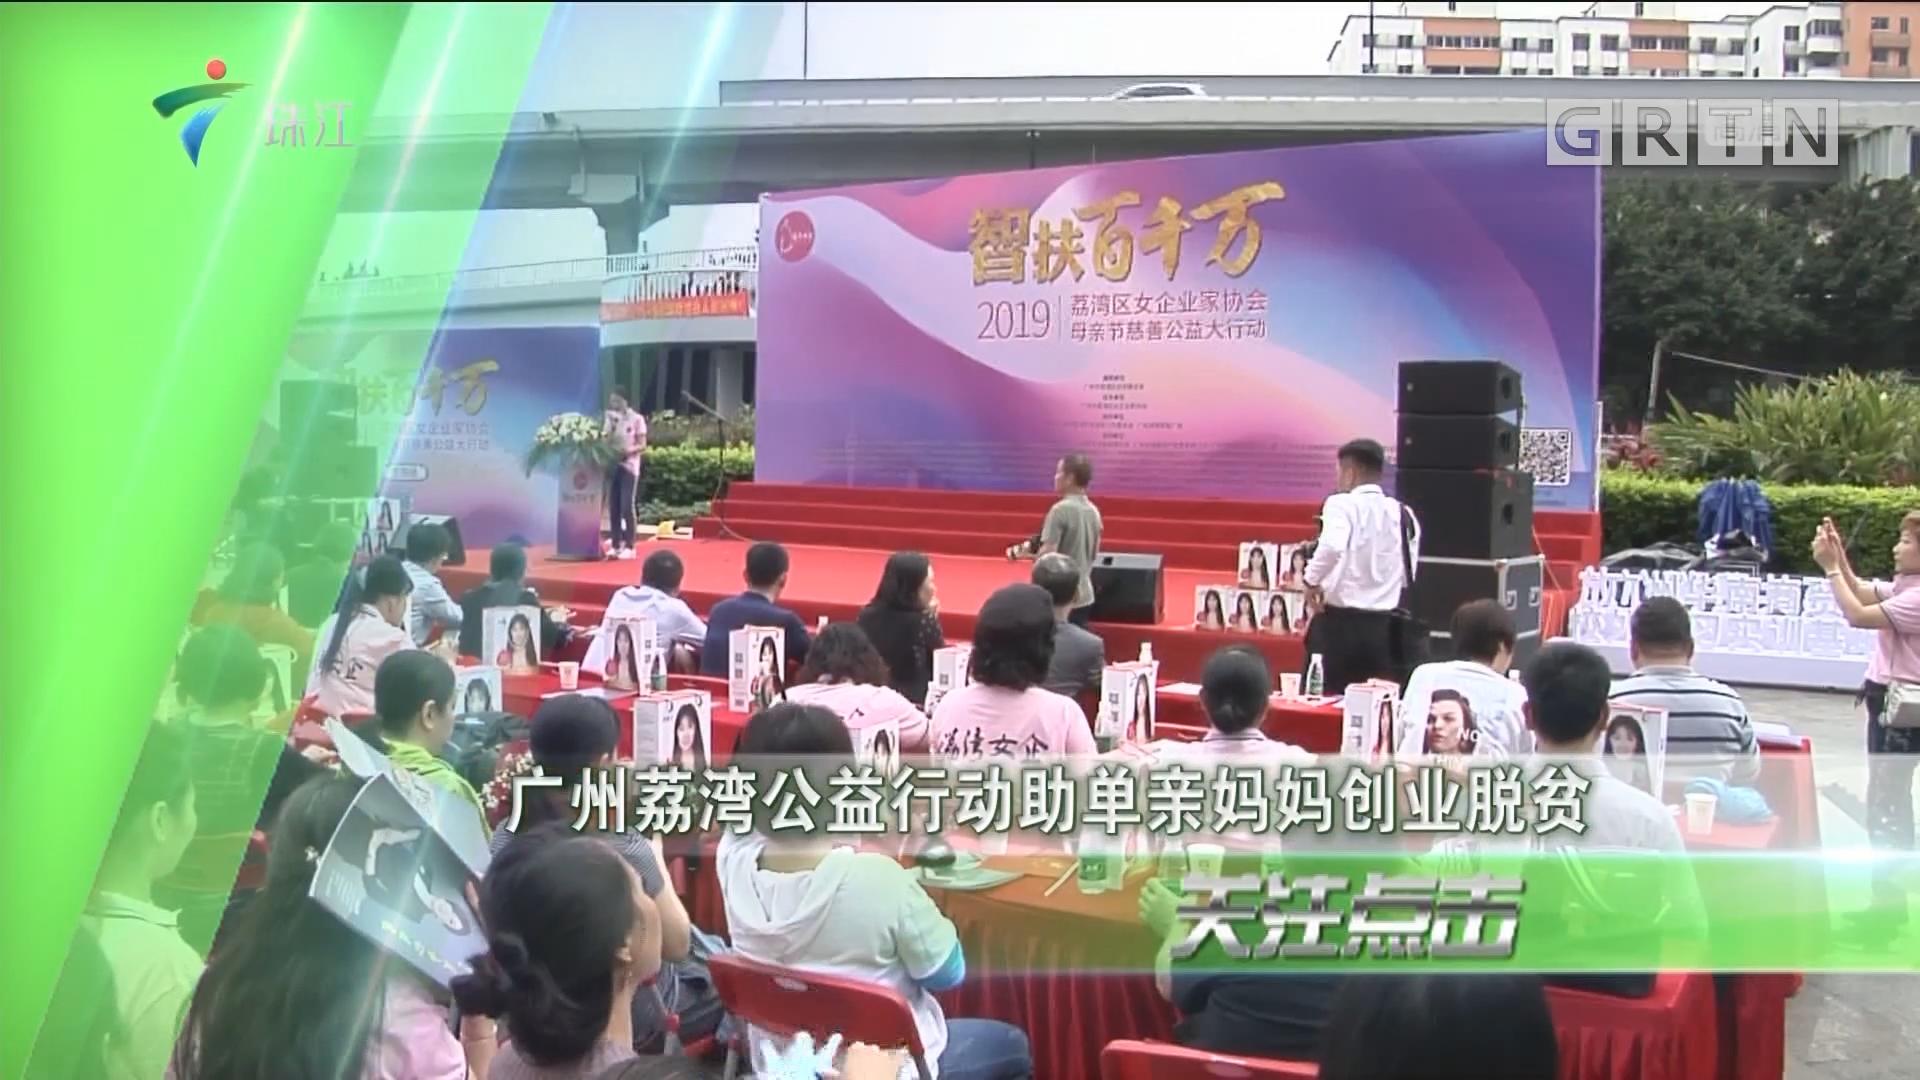 广州荔湾公益行动助单亲妈妈创业脱贫